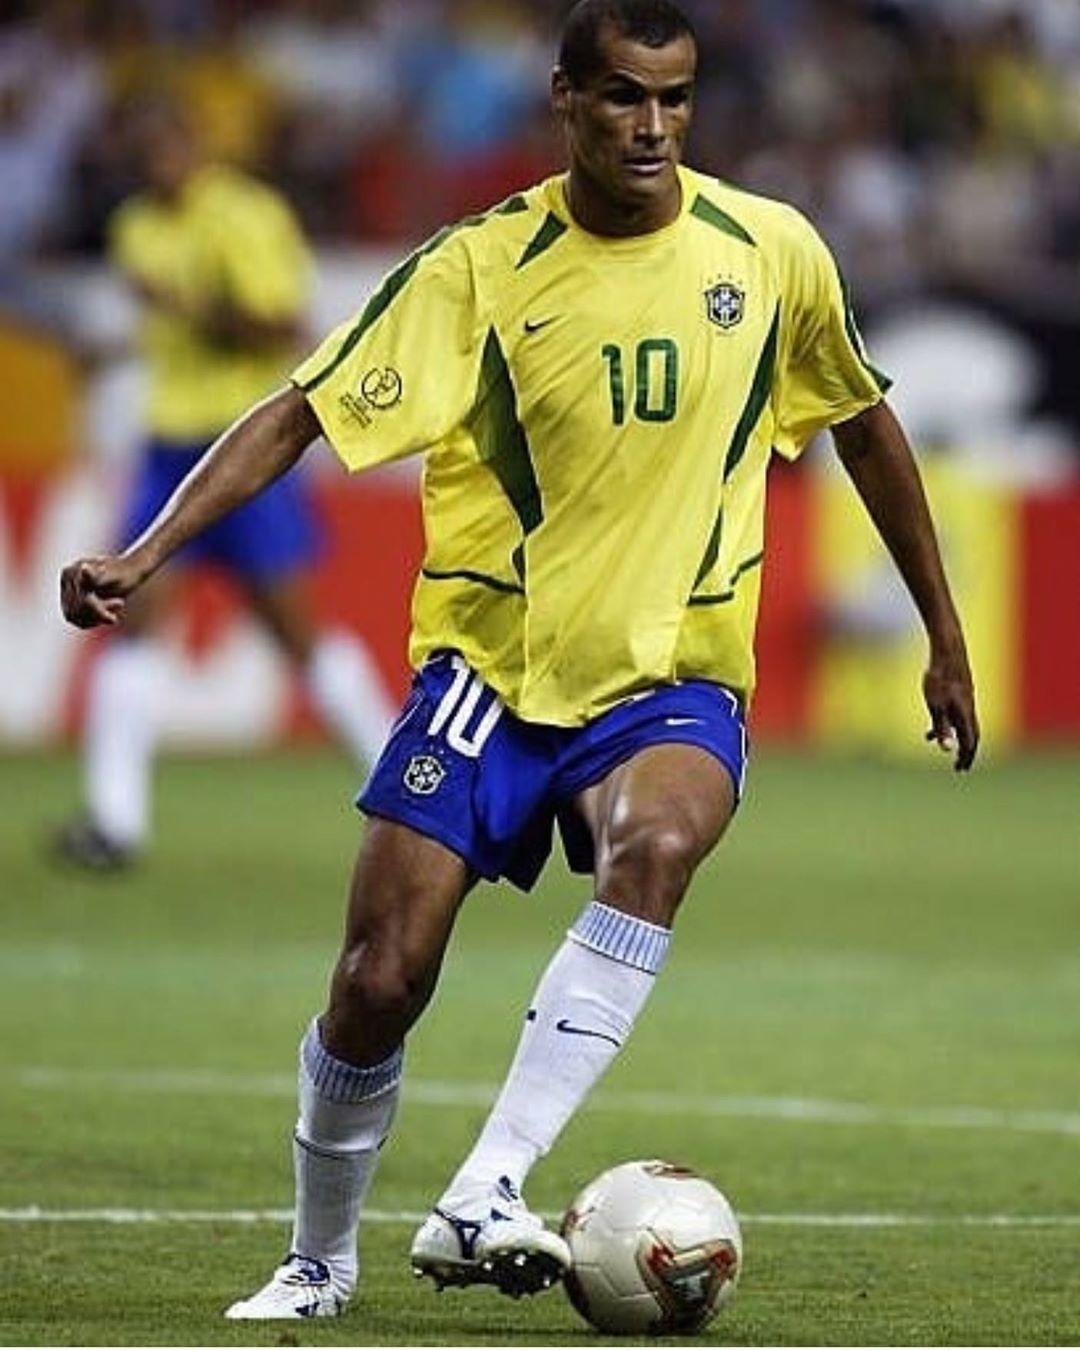 Como Era Bom Jogar Com Esta Camisa E Com Este Numero 10 Era Mais Emocionante Ainda 14 Jogos Em Copas Do Mun Futebol Feminino Brasil Rivaldo Lendas Do Futebol